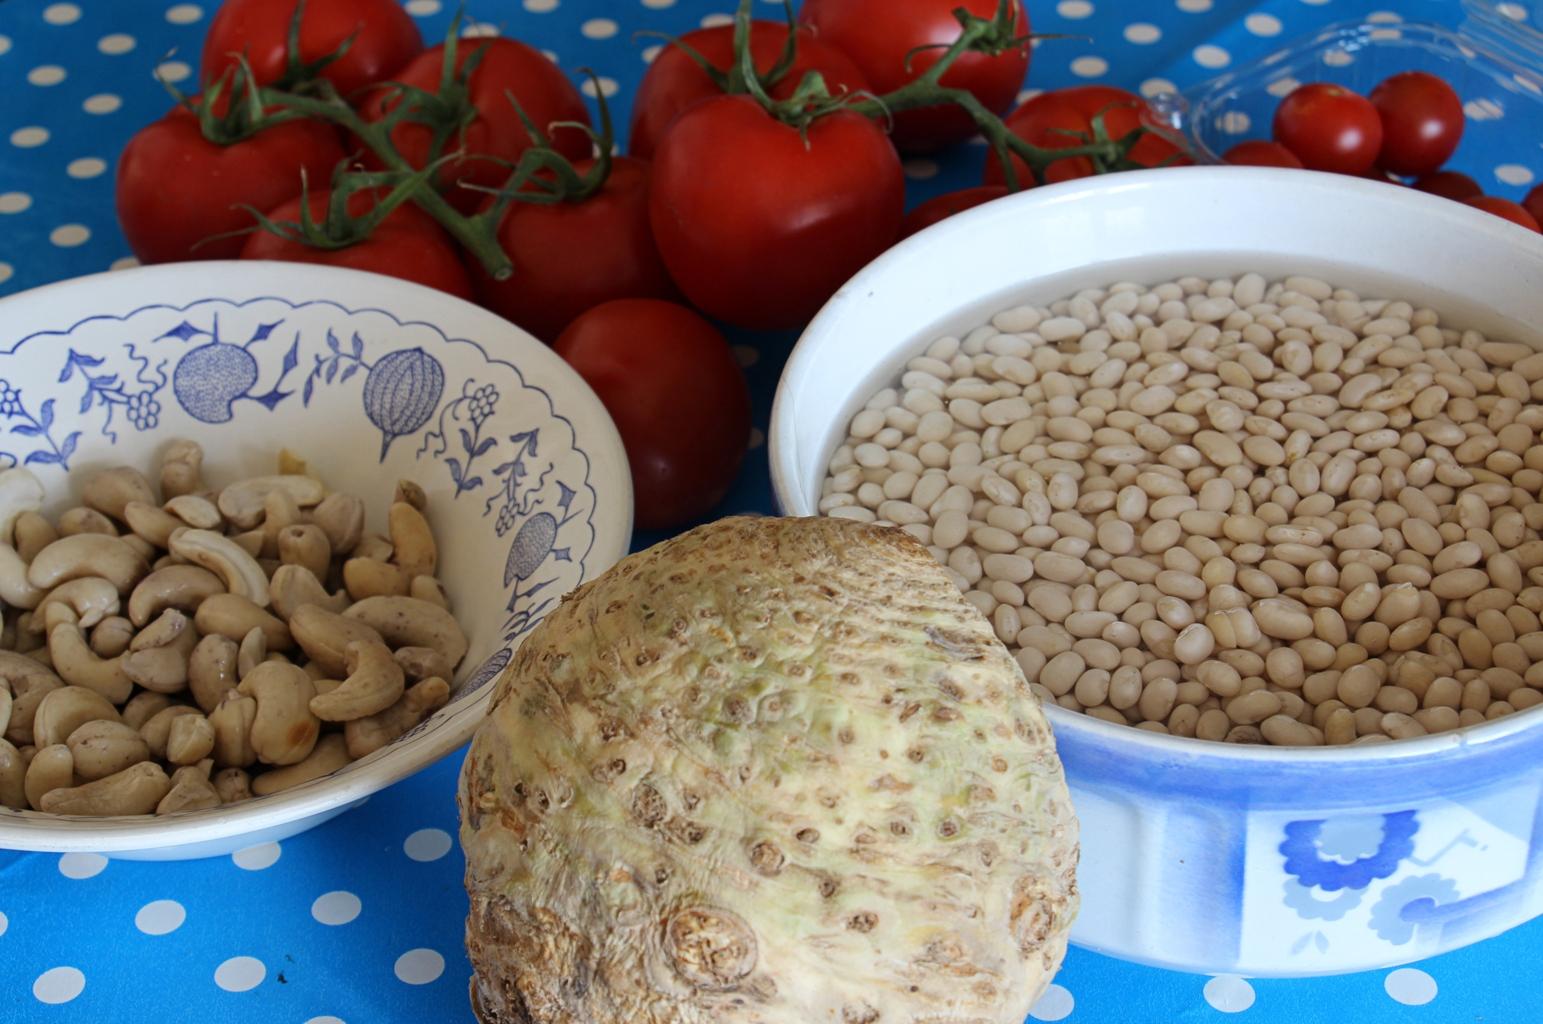 jedlo pre bežcov a strukoviny s kešu orieškami